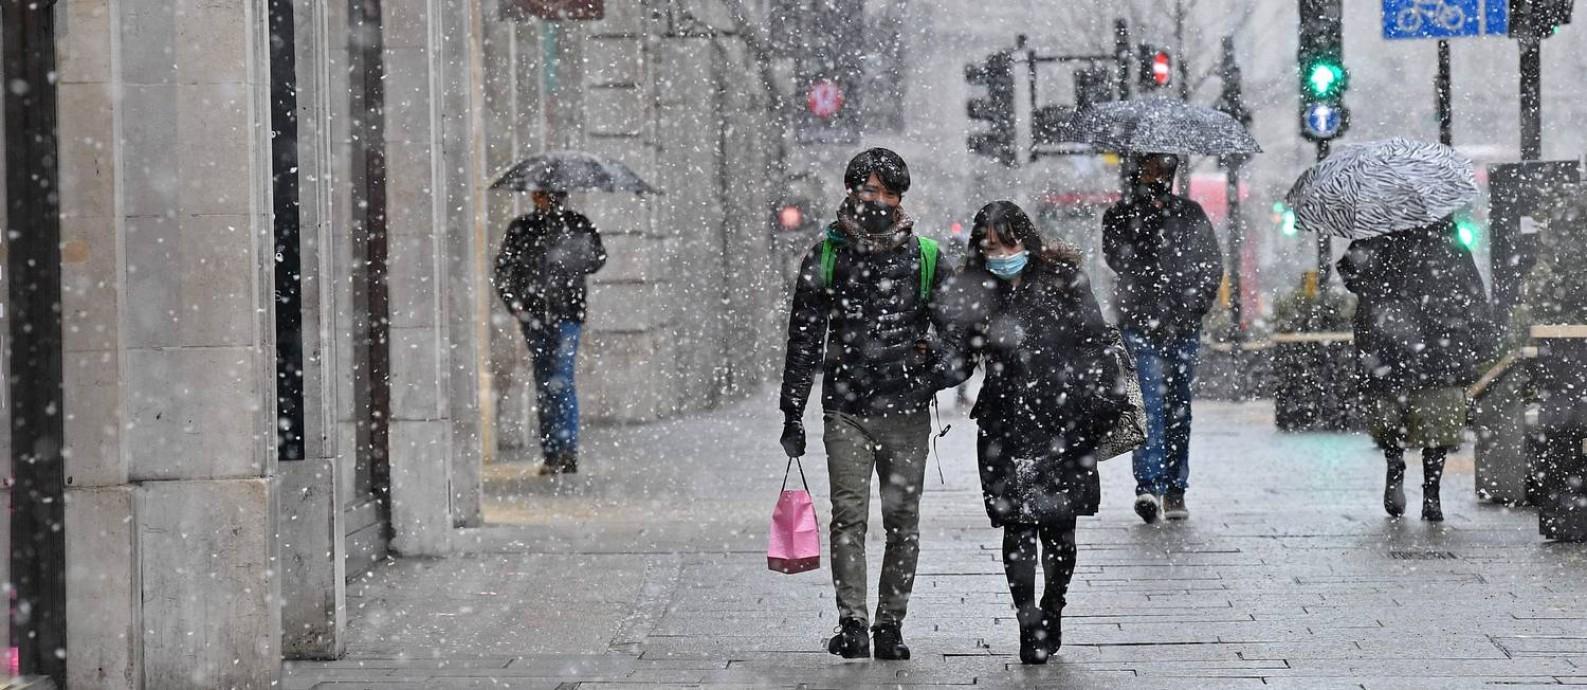 Auxílio. Governo cogitou pagar para que britânicos fiquem em casa equando apresentarem sintomas de Covid-19 Foto: AFP